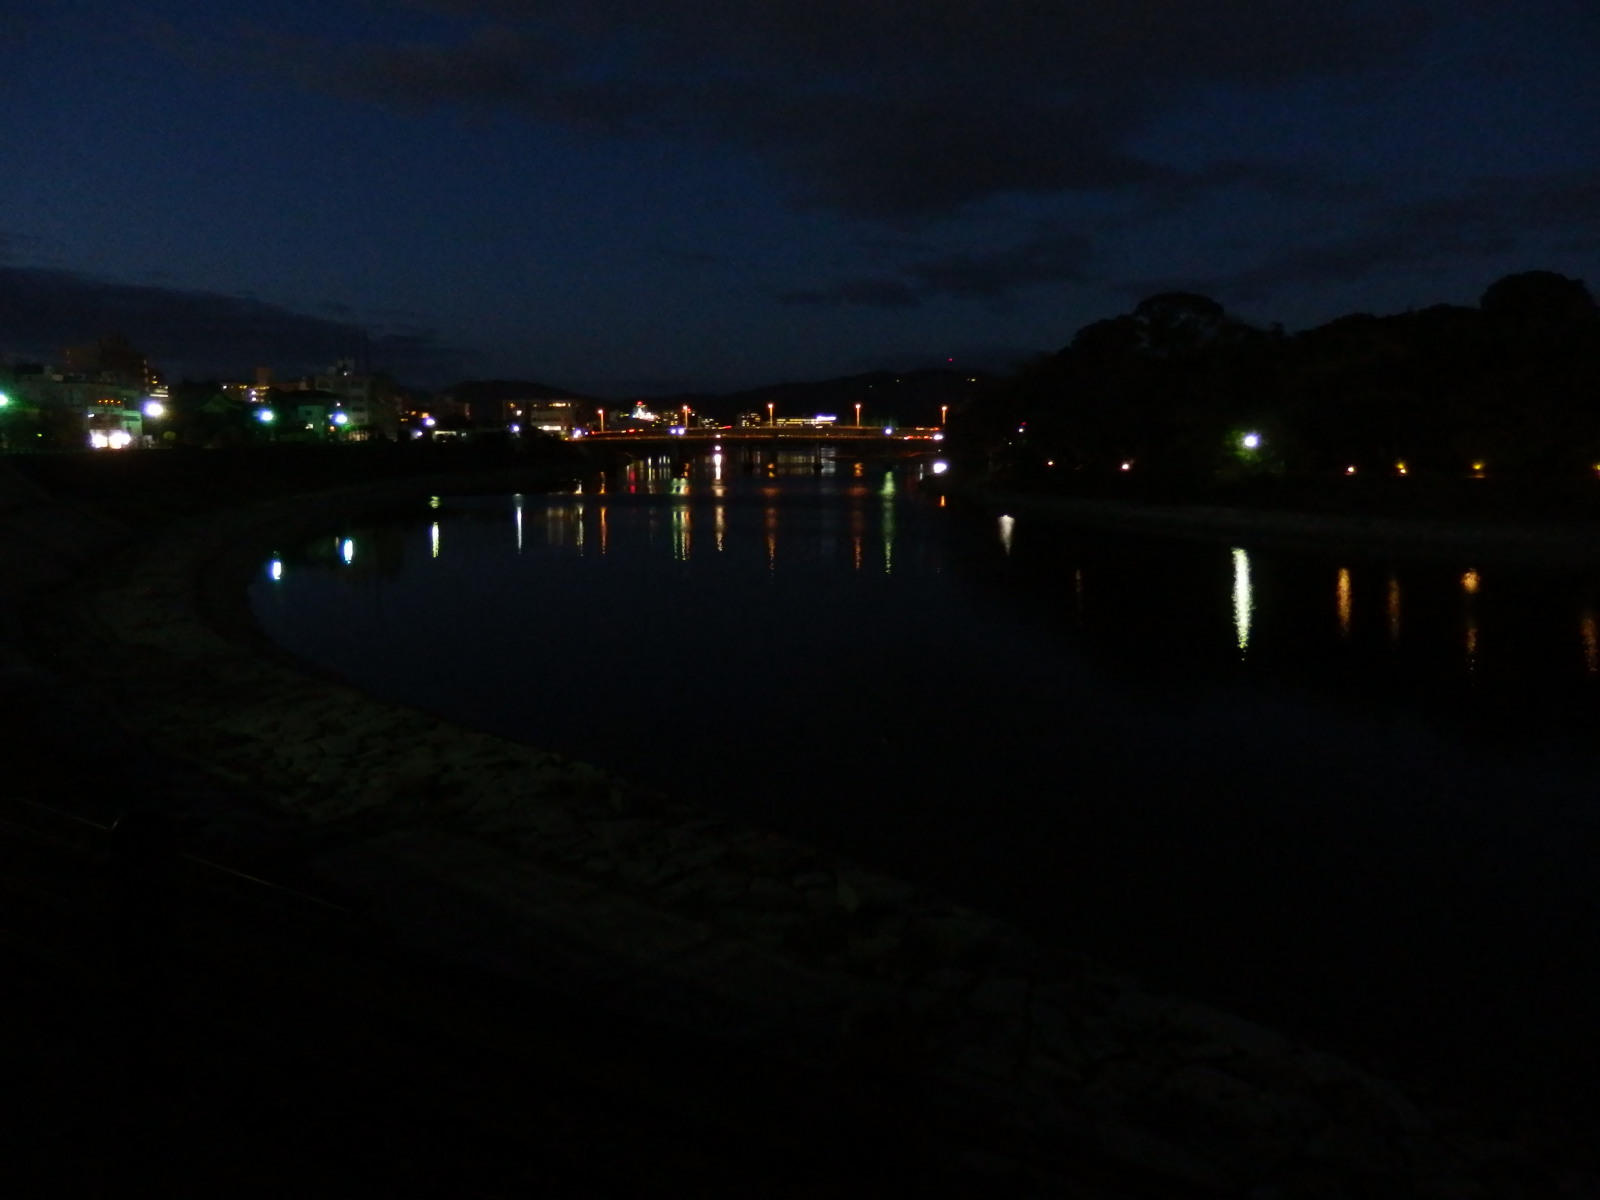 烏城または金烏城とも呼ばれる岡山城の天守閣のライトアップ、見てきました。_c0027285_1684043.jpg